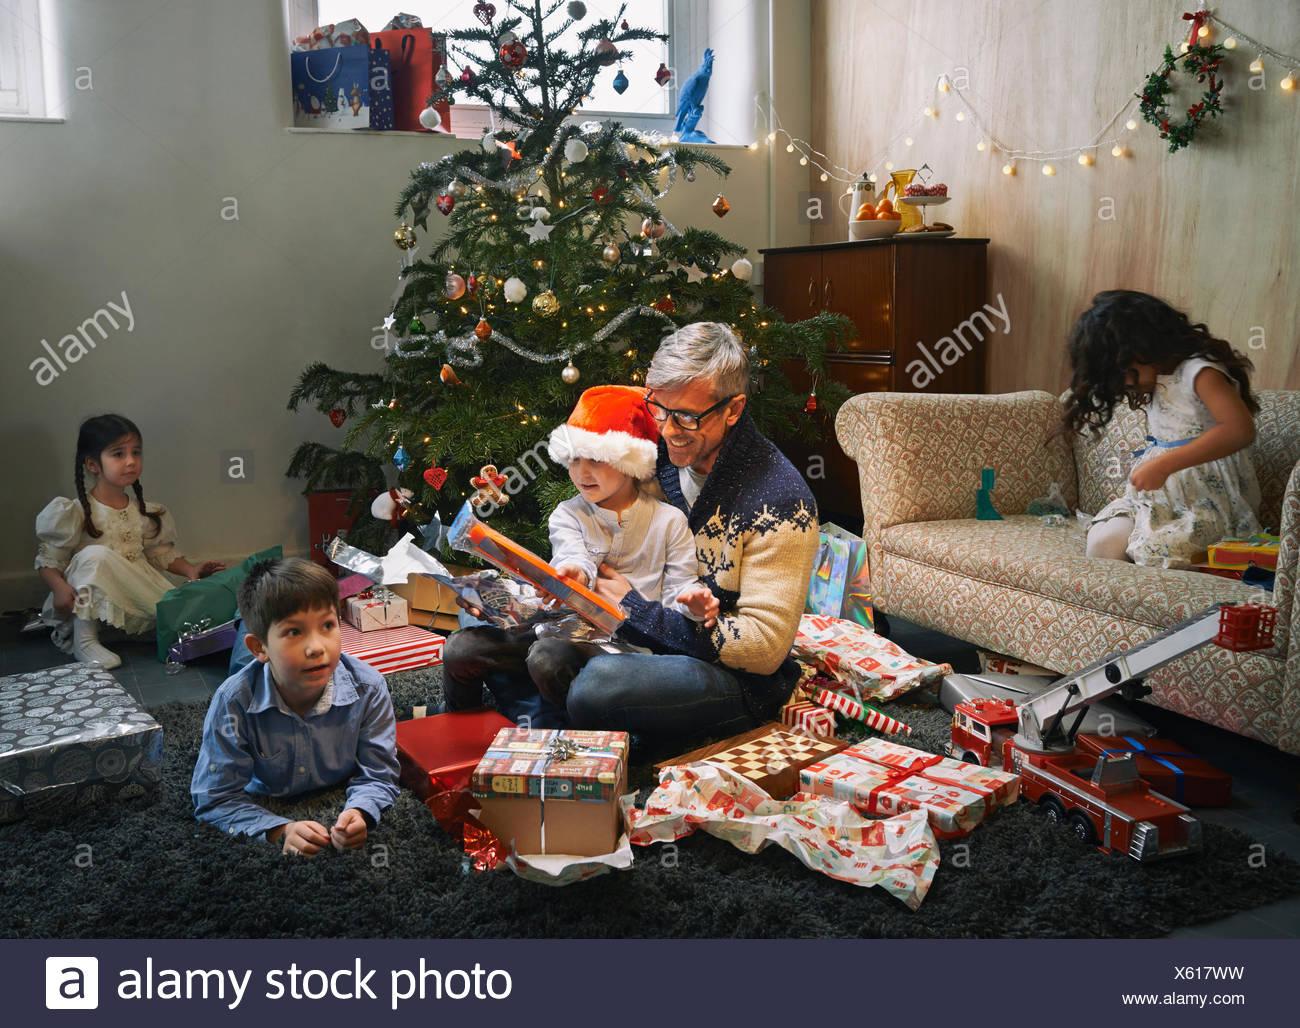 Vater und seinen vier Kindern Weihnachtsgeschenke im Wohnzimmer ...